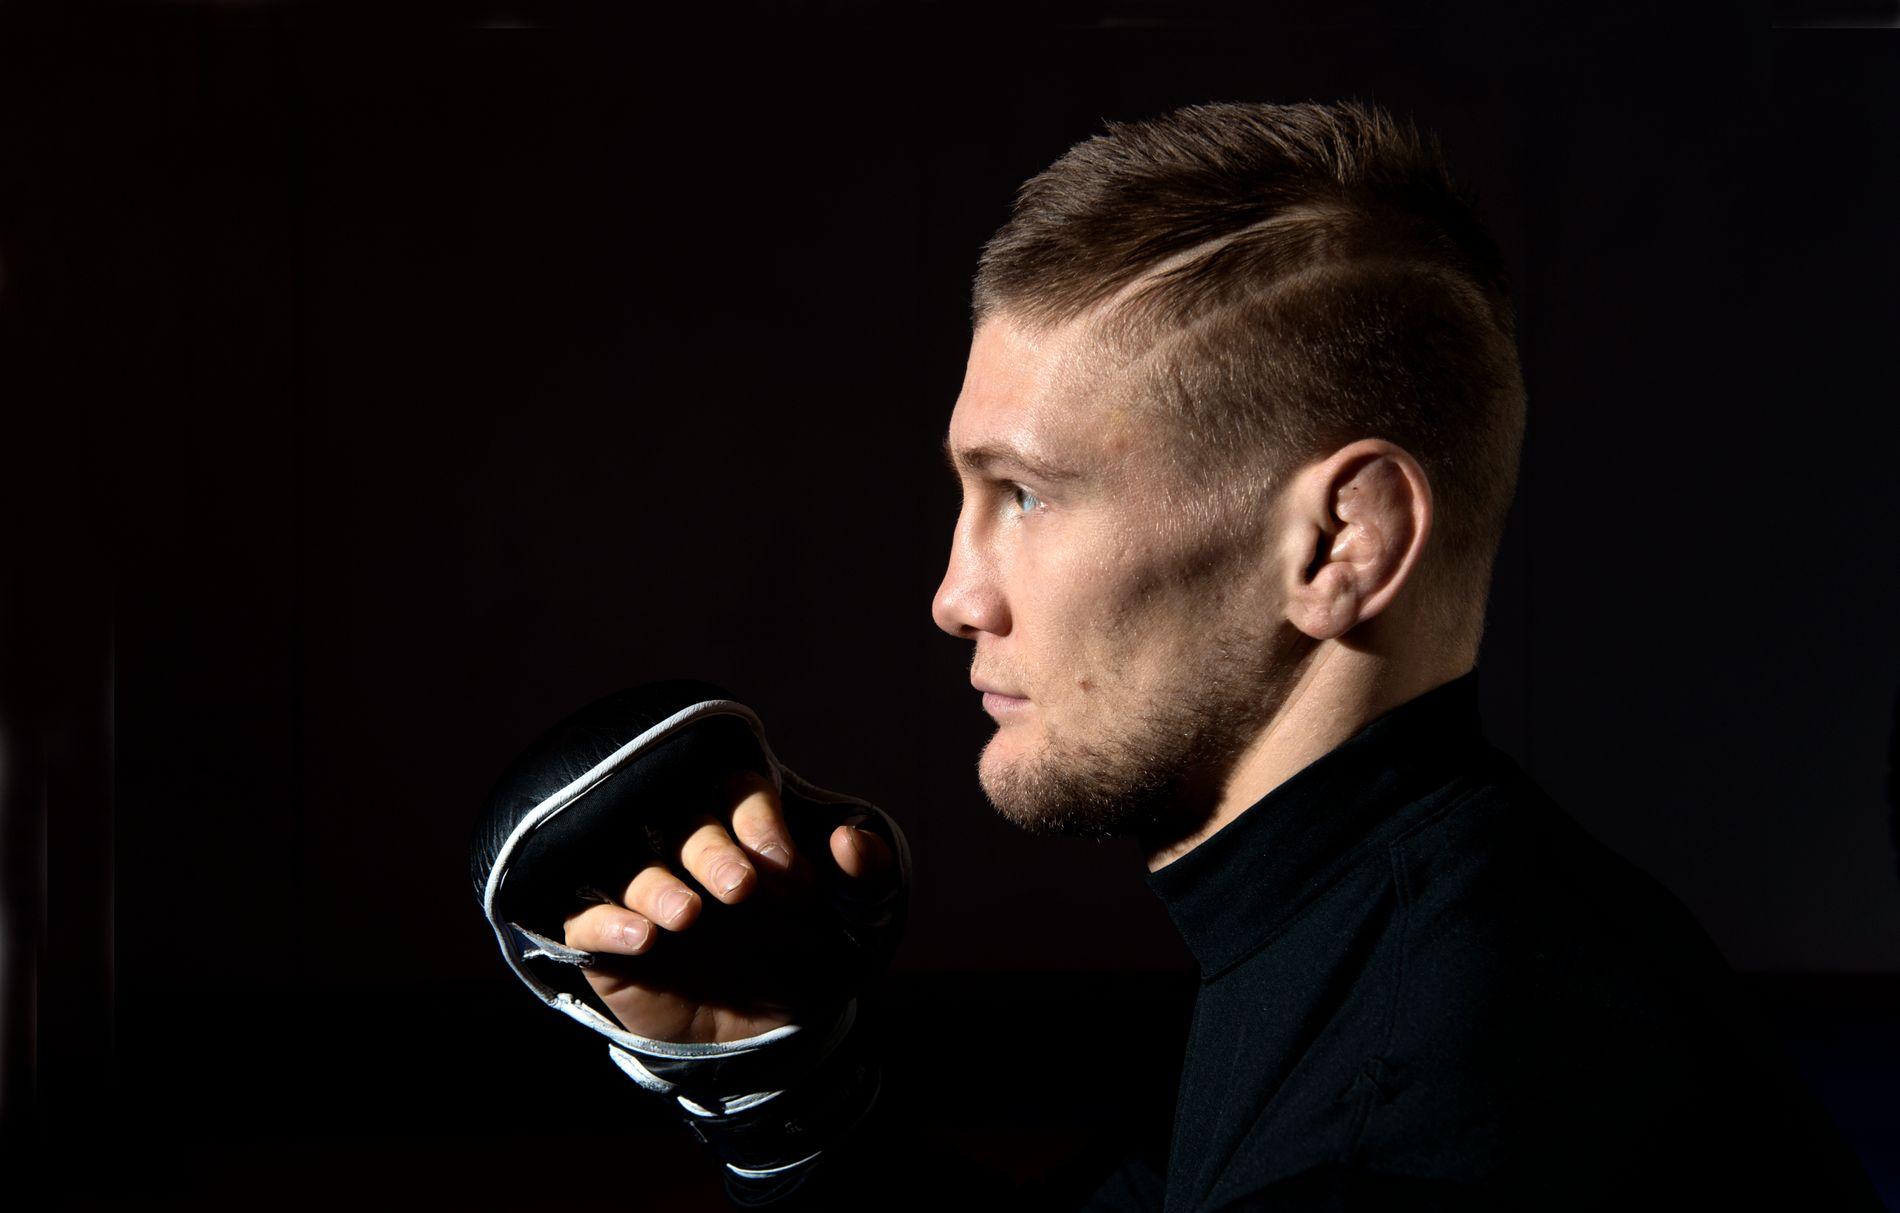 VIL TIL UFC: Alexander Jacobsen har vunnet åtte strake MMA-kamper. Nå vil han ha innpass i verdens største MMA-organisasjon, UFC.